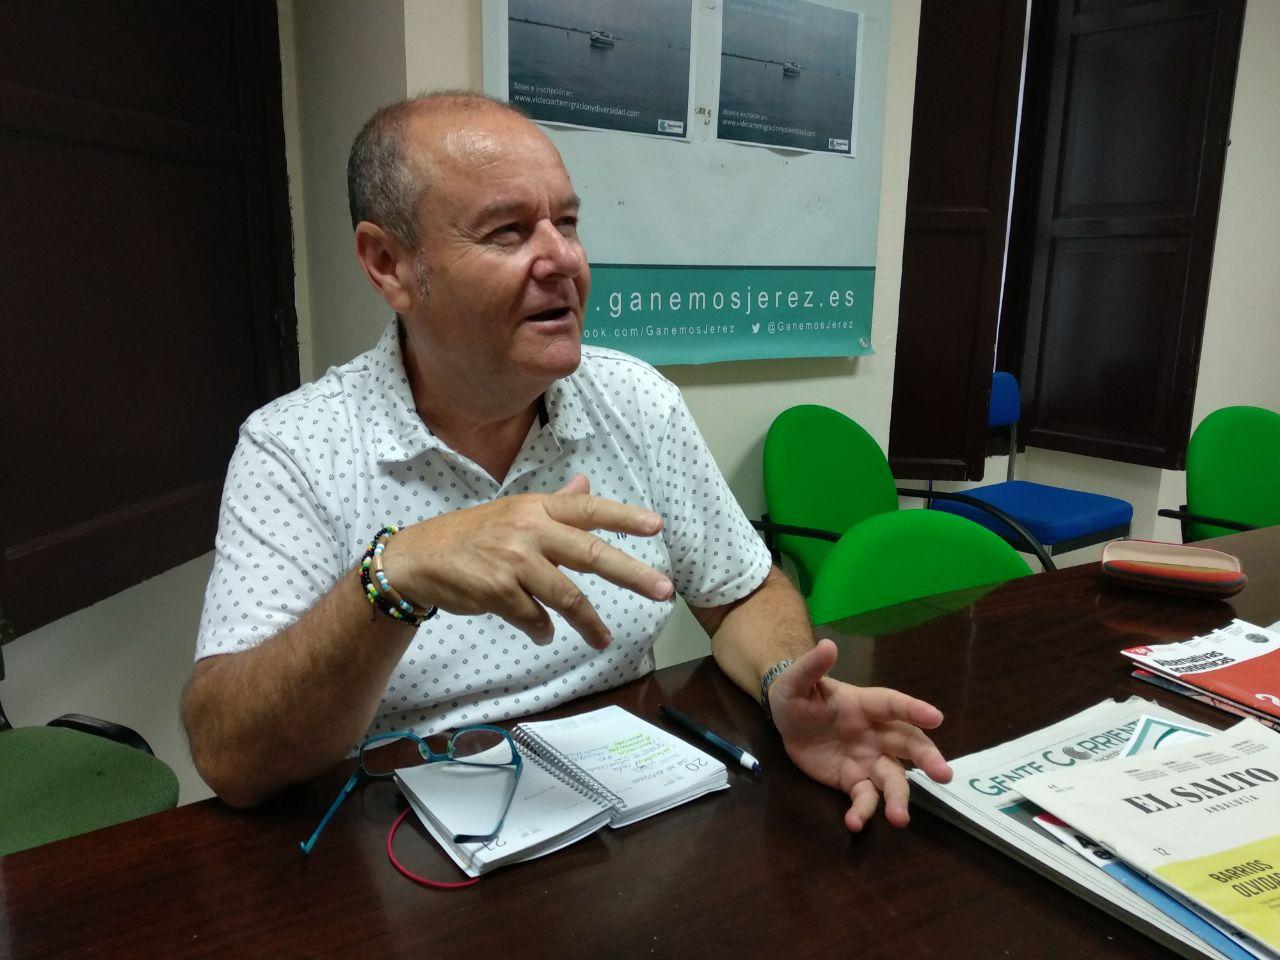 Ganemos Jerez insta a la Junta de Andalucía a rectificar e incluir a Jerez entre las ciudades con nuevos ciclos formativos de Formación Profesional